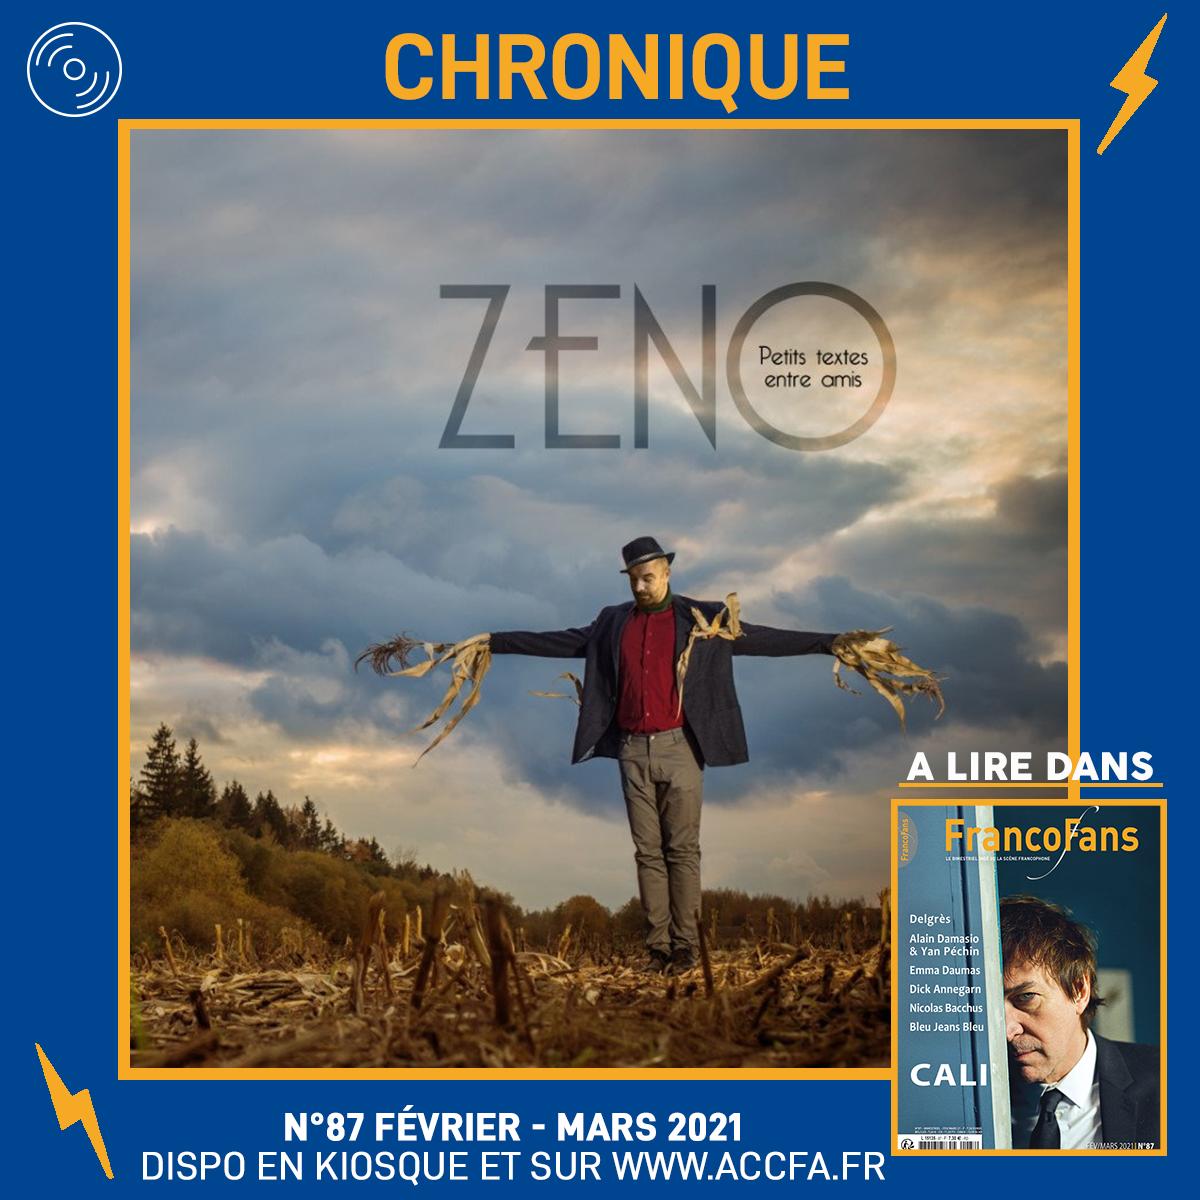 [Chronique] L'épatant Zéno